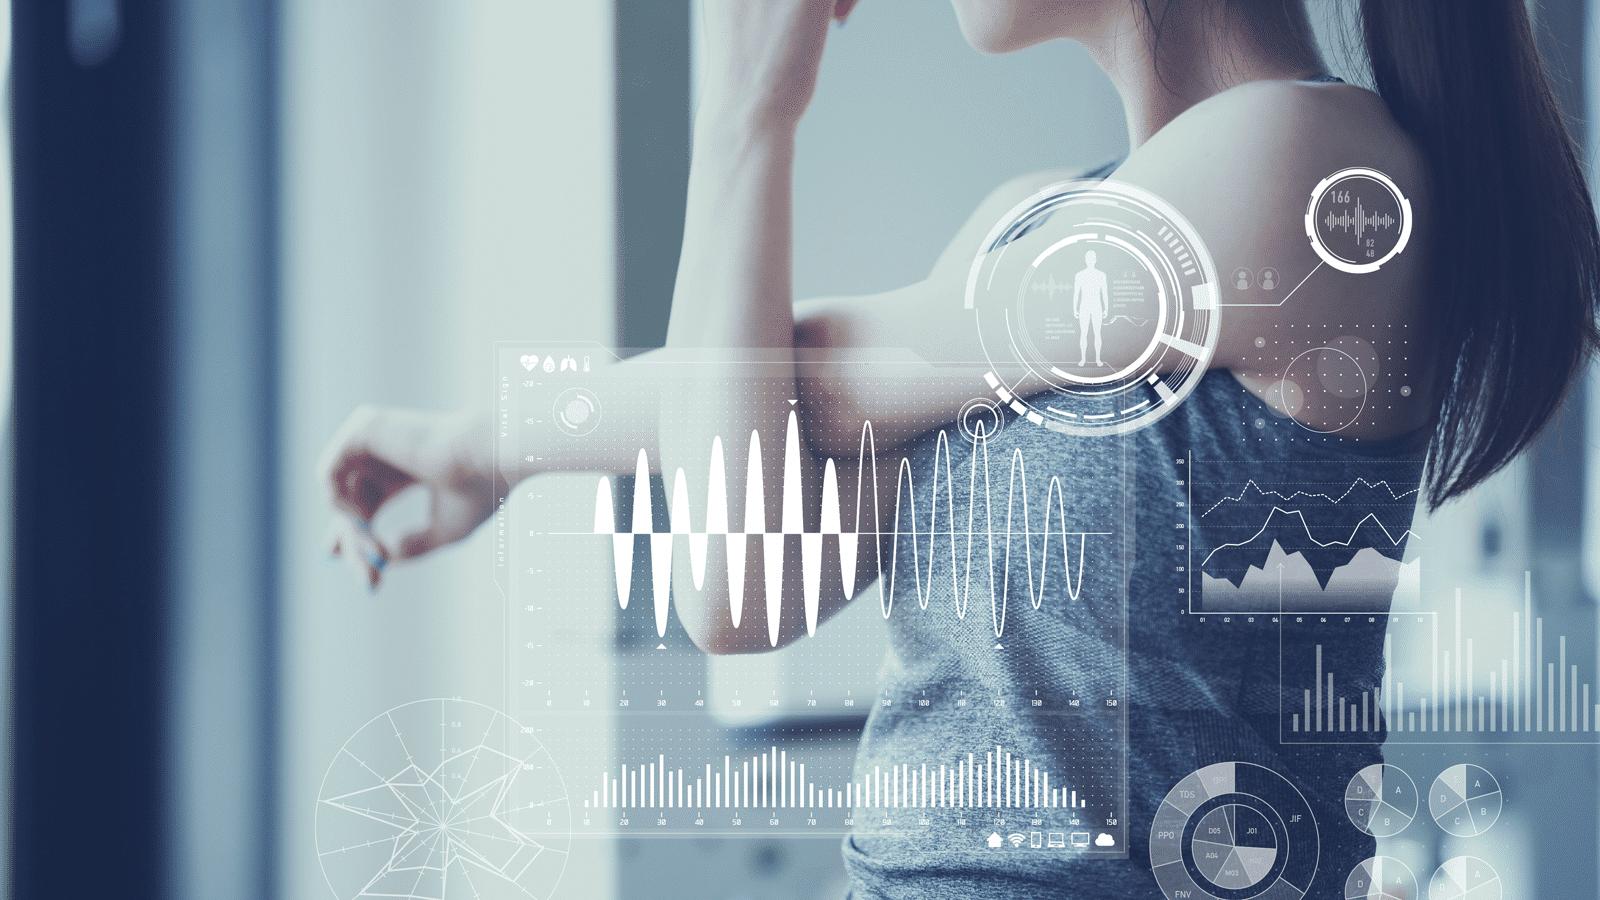 E-HEALTH MONITORING APPLICATIONS BY OMNIA COMUNICAZIONI